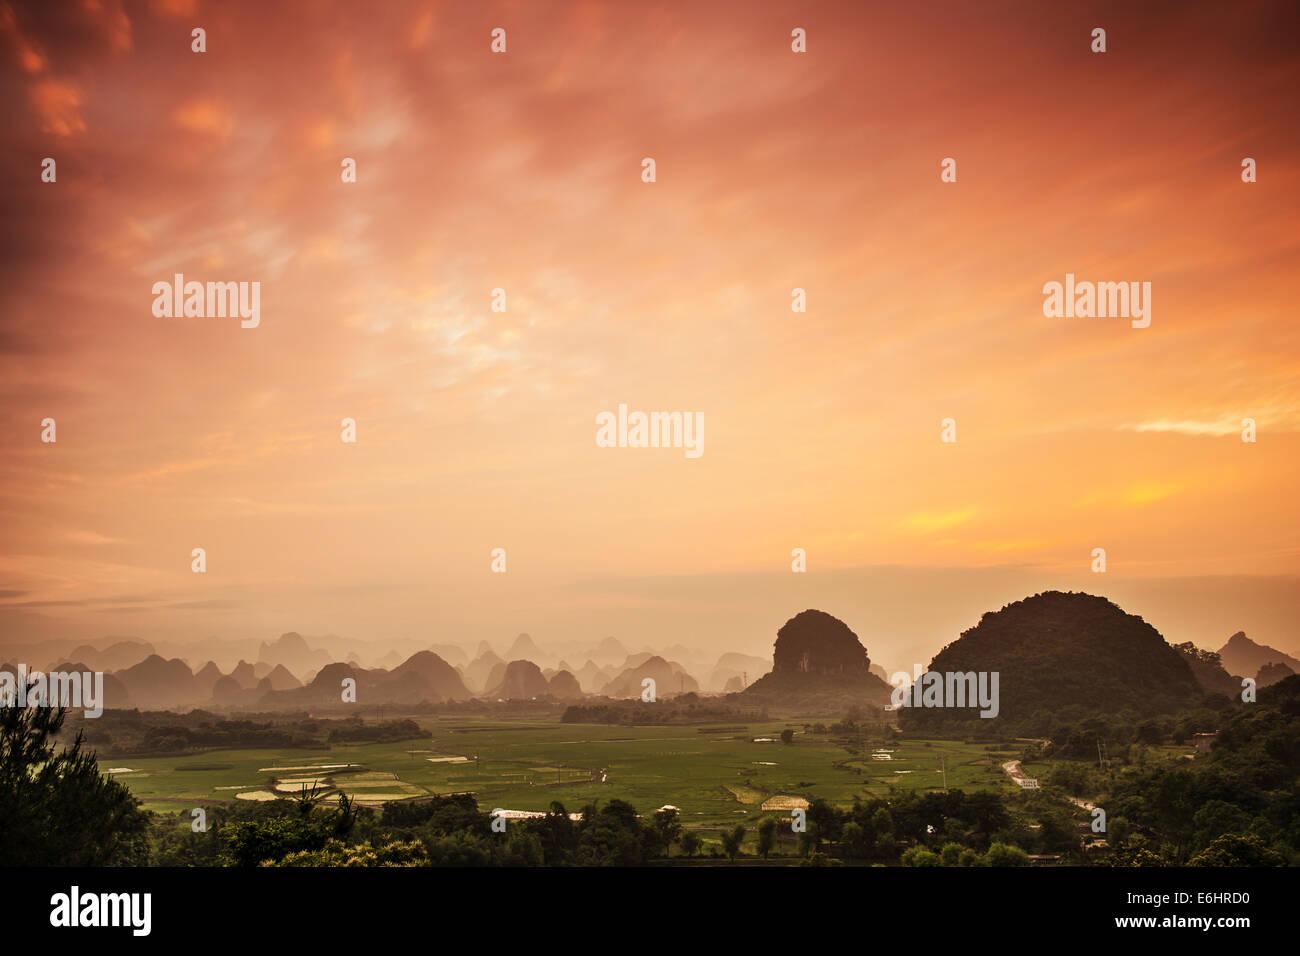 Paysage de montagnes karstiques de Guilin, Guangxi, Chine. Photo Stock